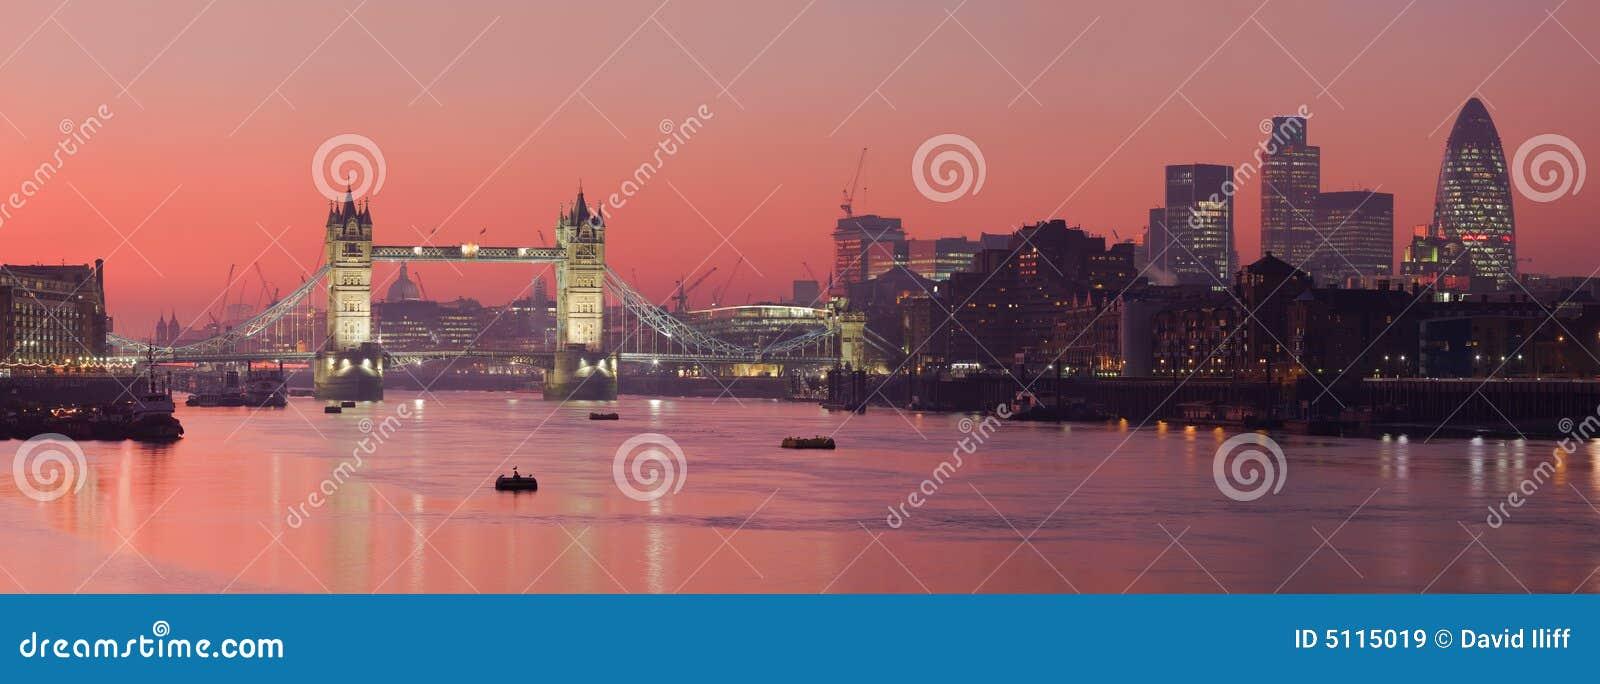 Puente de la torre y ciudad de Londres con los soles de color rojo oscuro